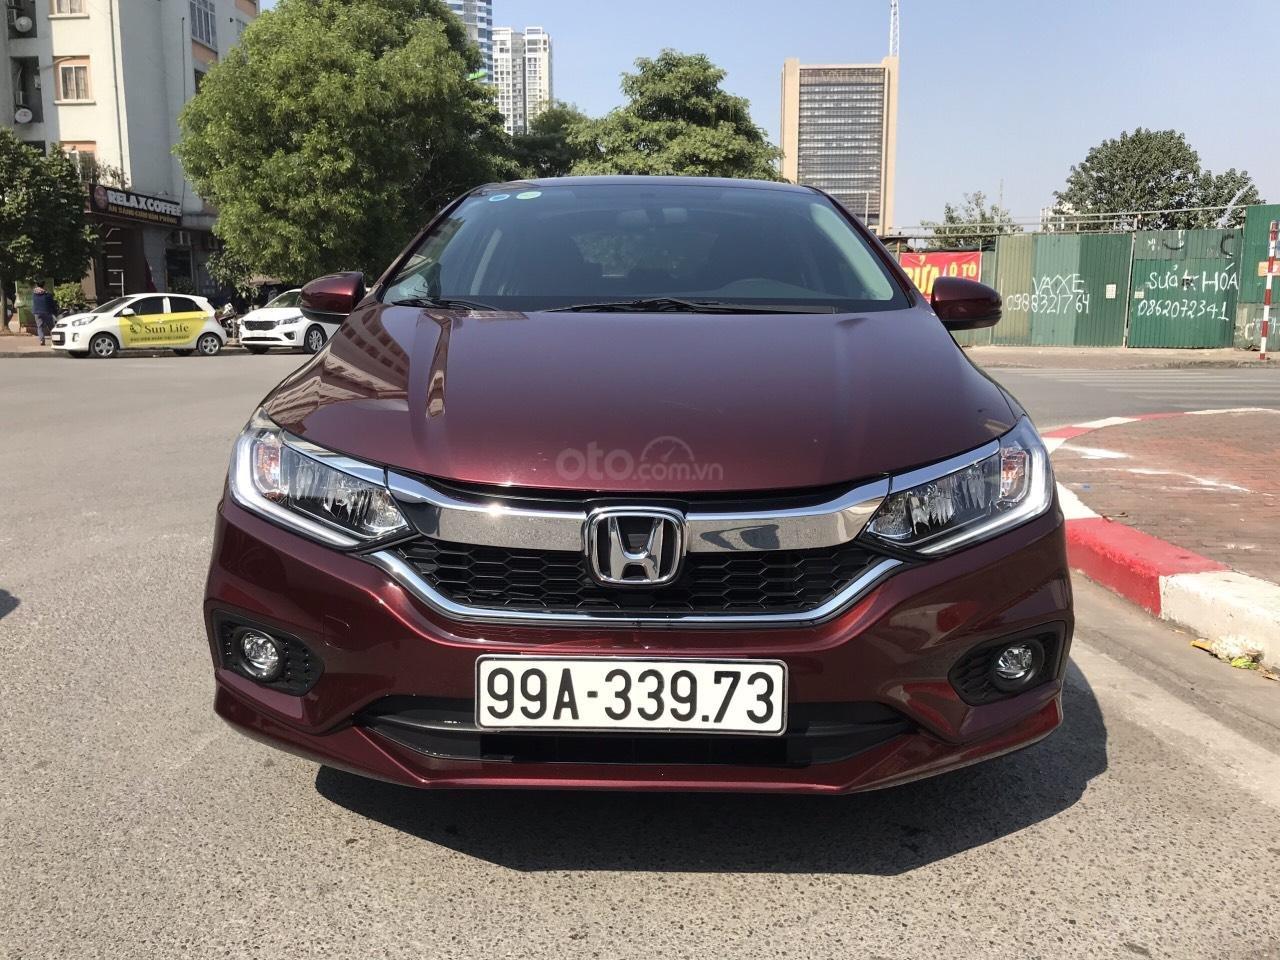 Bán gấp với giá ưu đãi chiếc Honda City Top 1.5 AT 2019 (11)